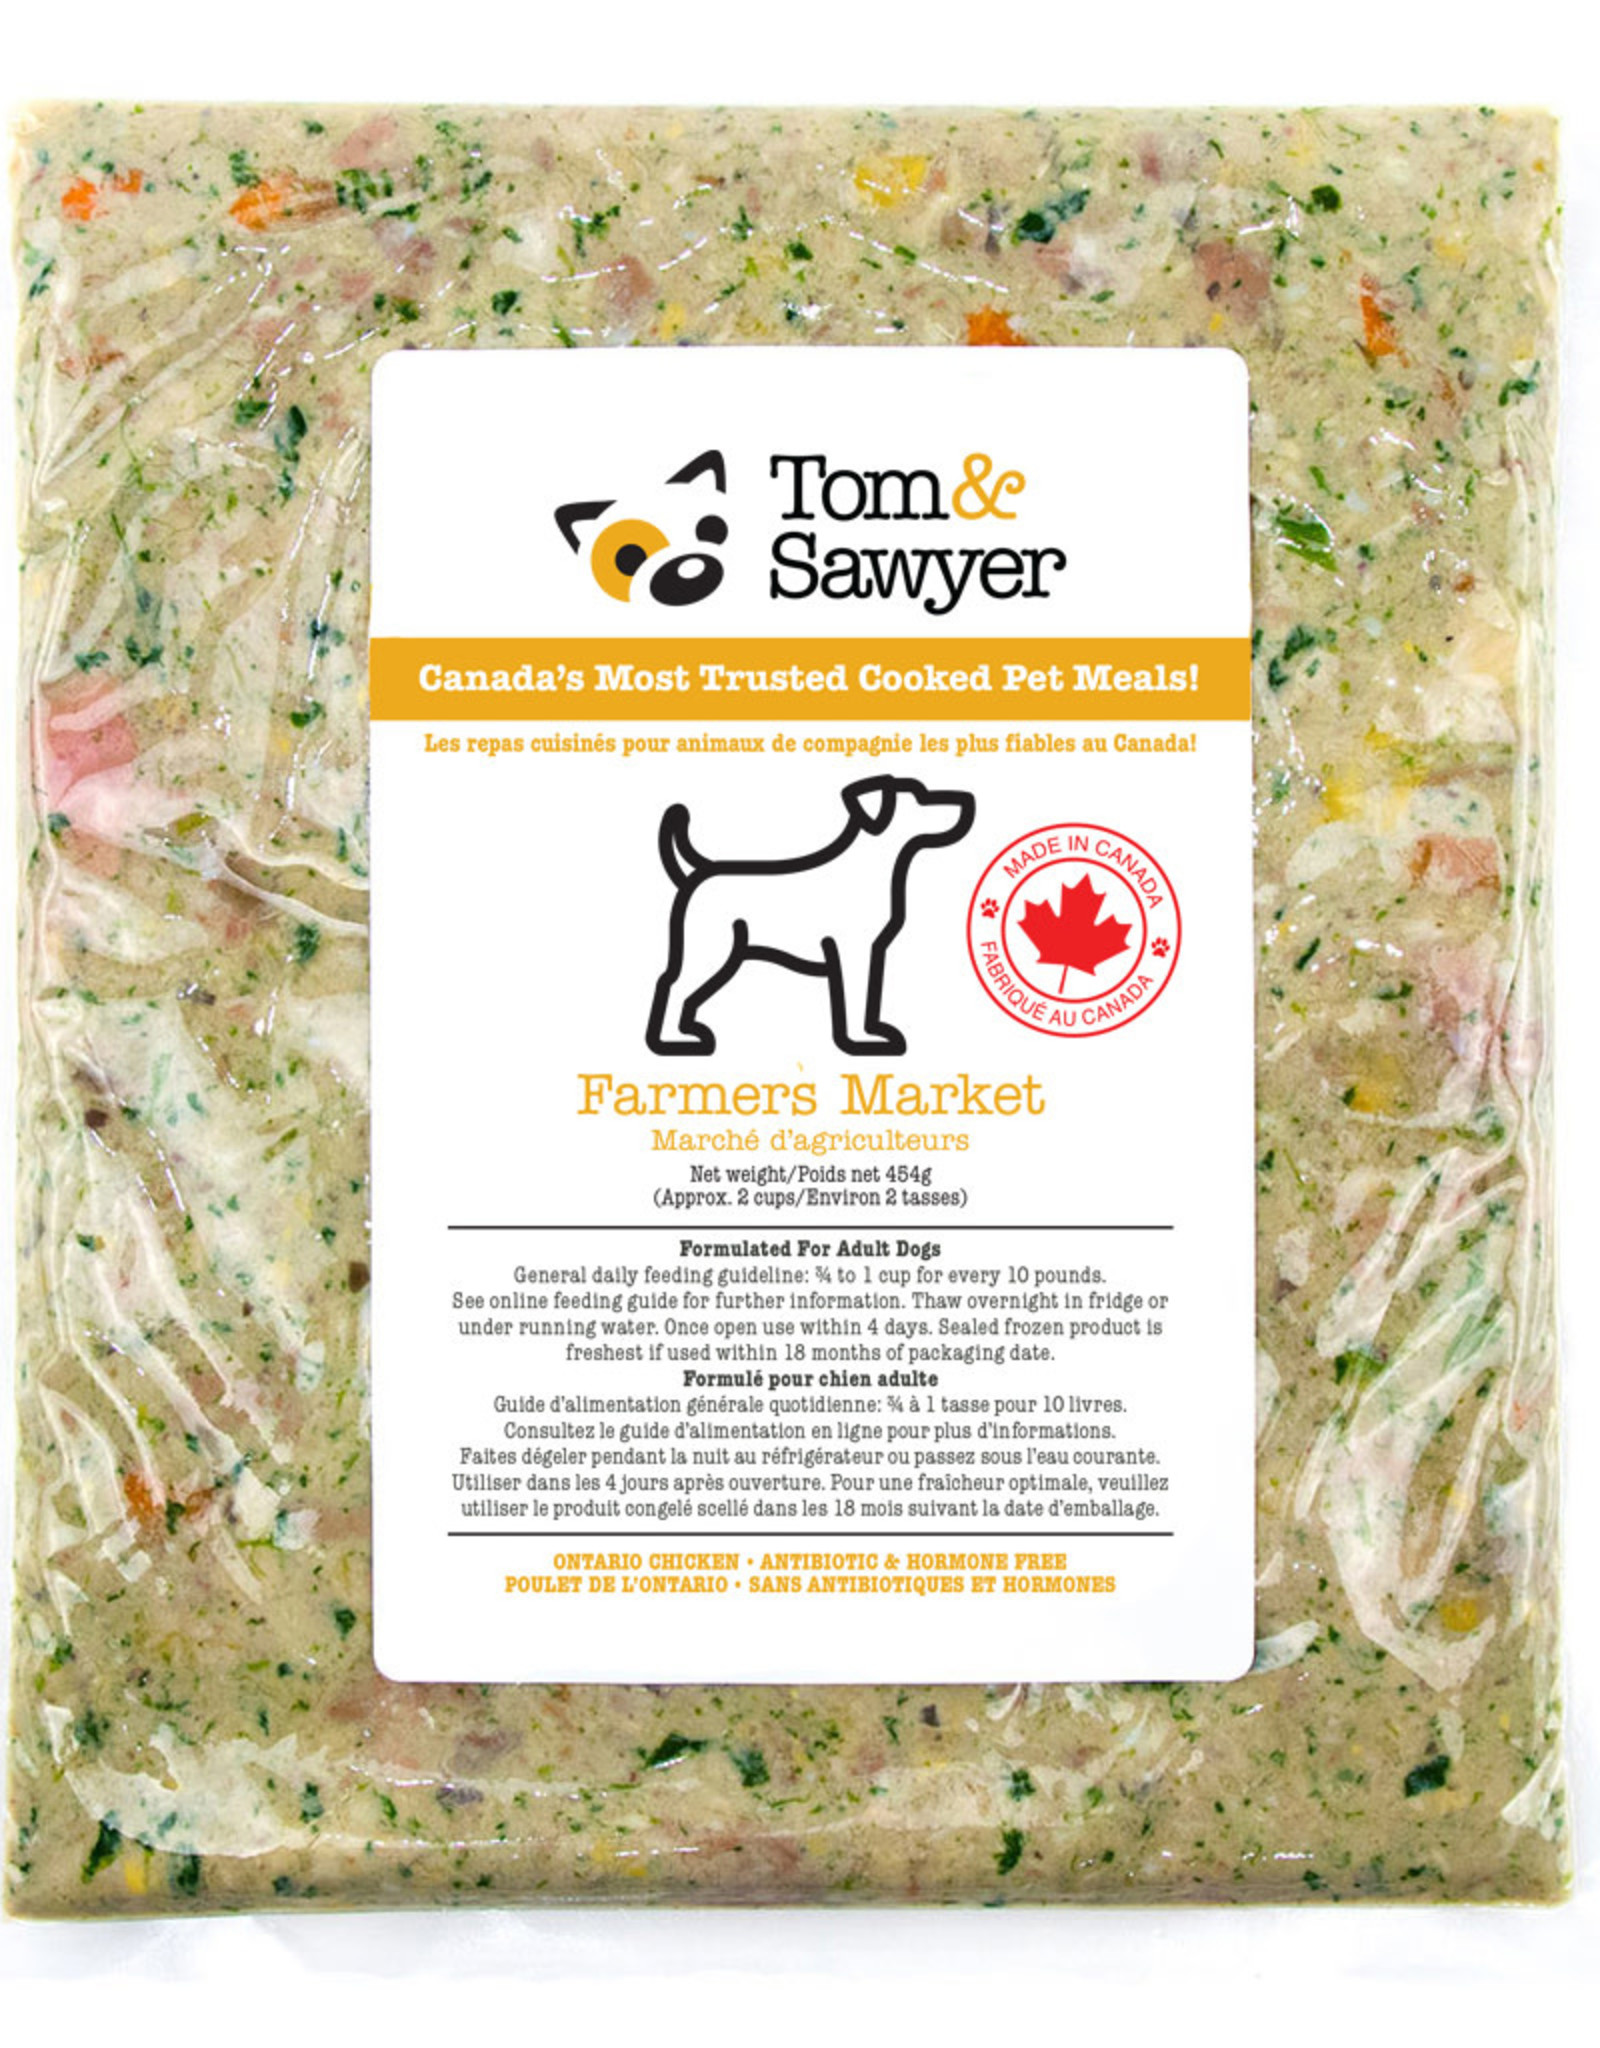 Tom & Sawyer Frozen - Farmers Market 454GM